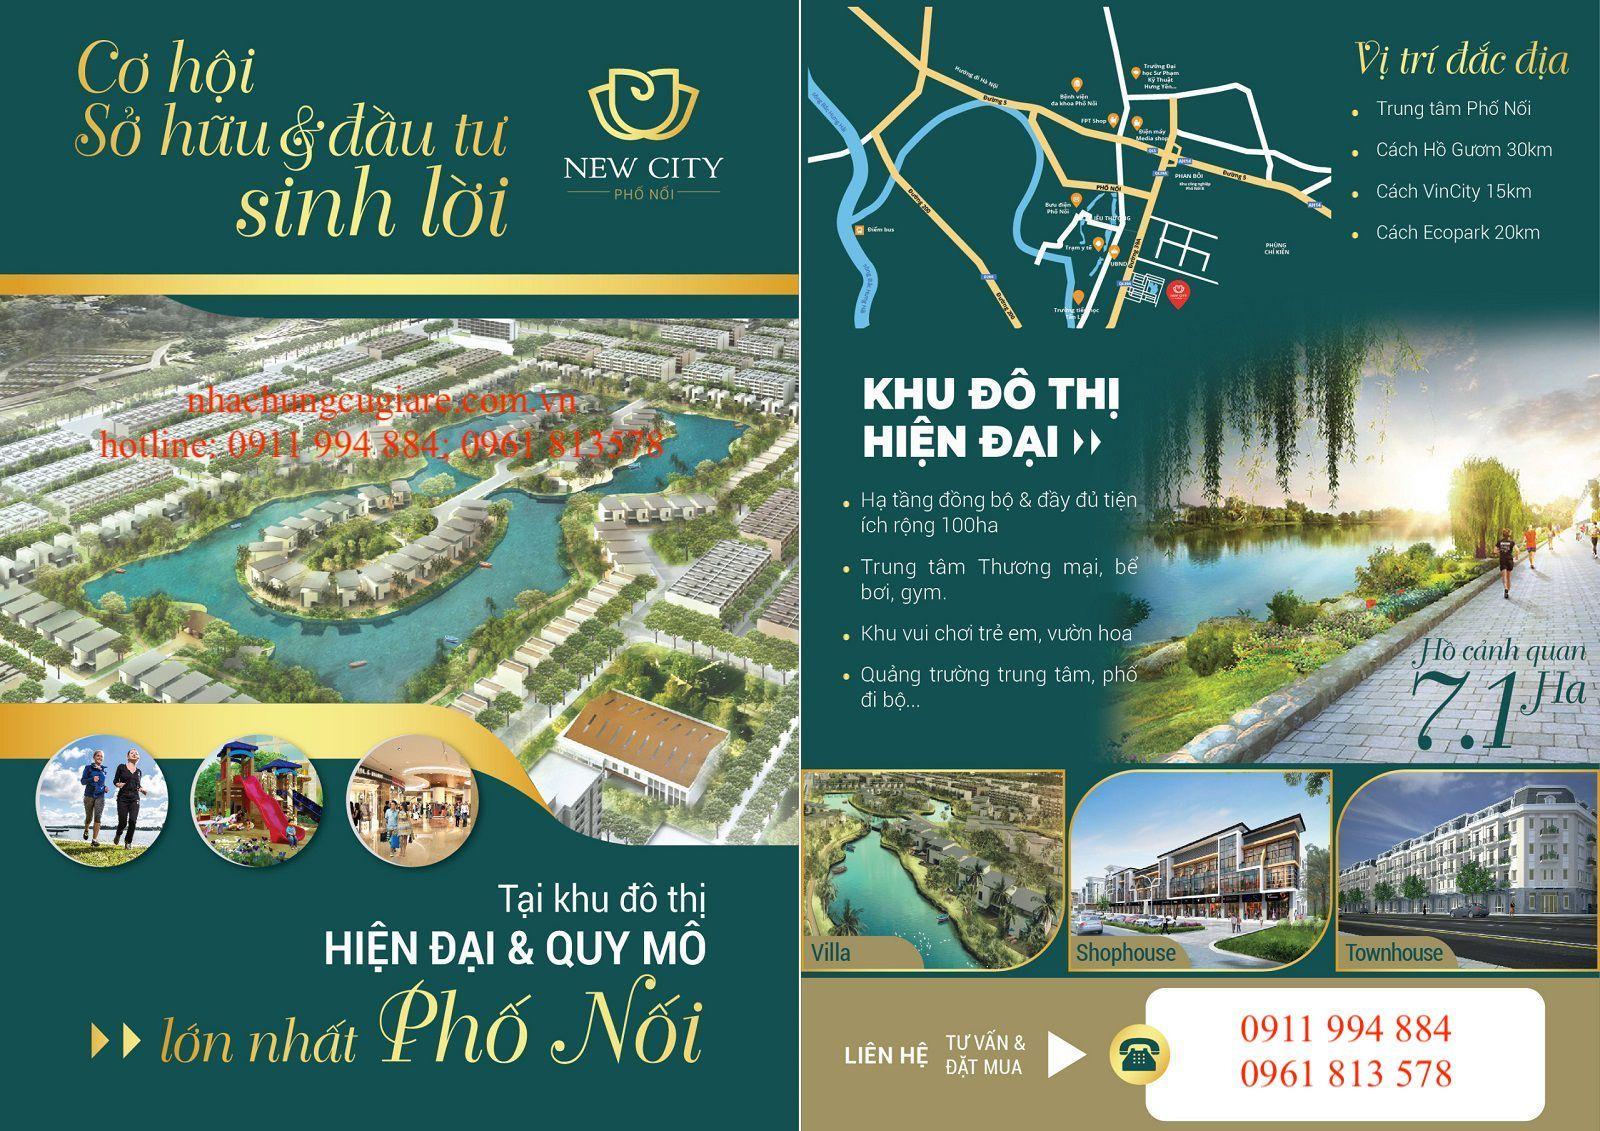 New City Phố Nối – Dự án làm nóng thị trường Hưng Yên  - Ảnh 5